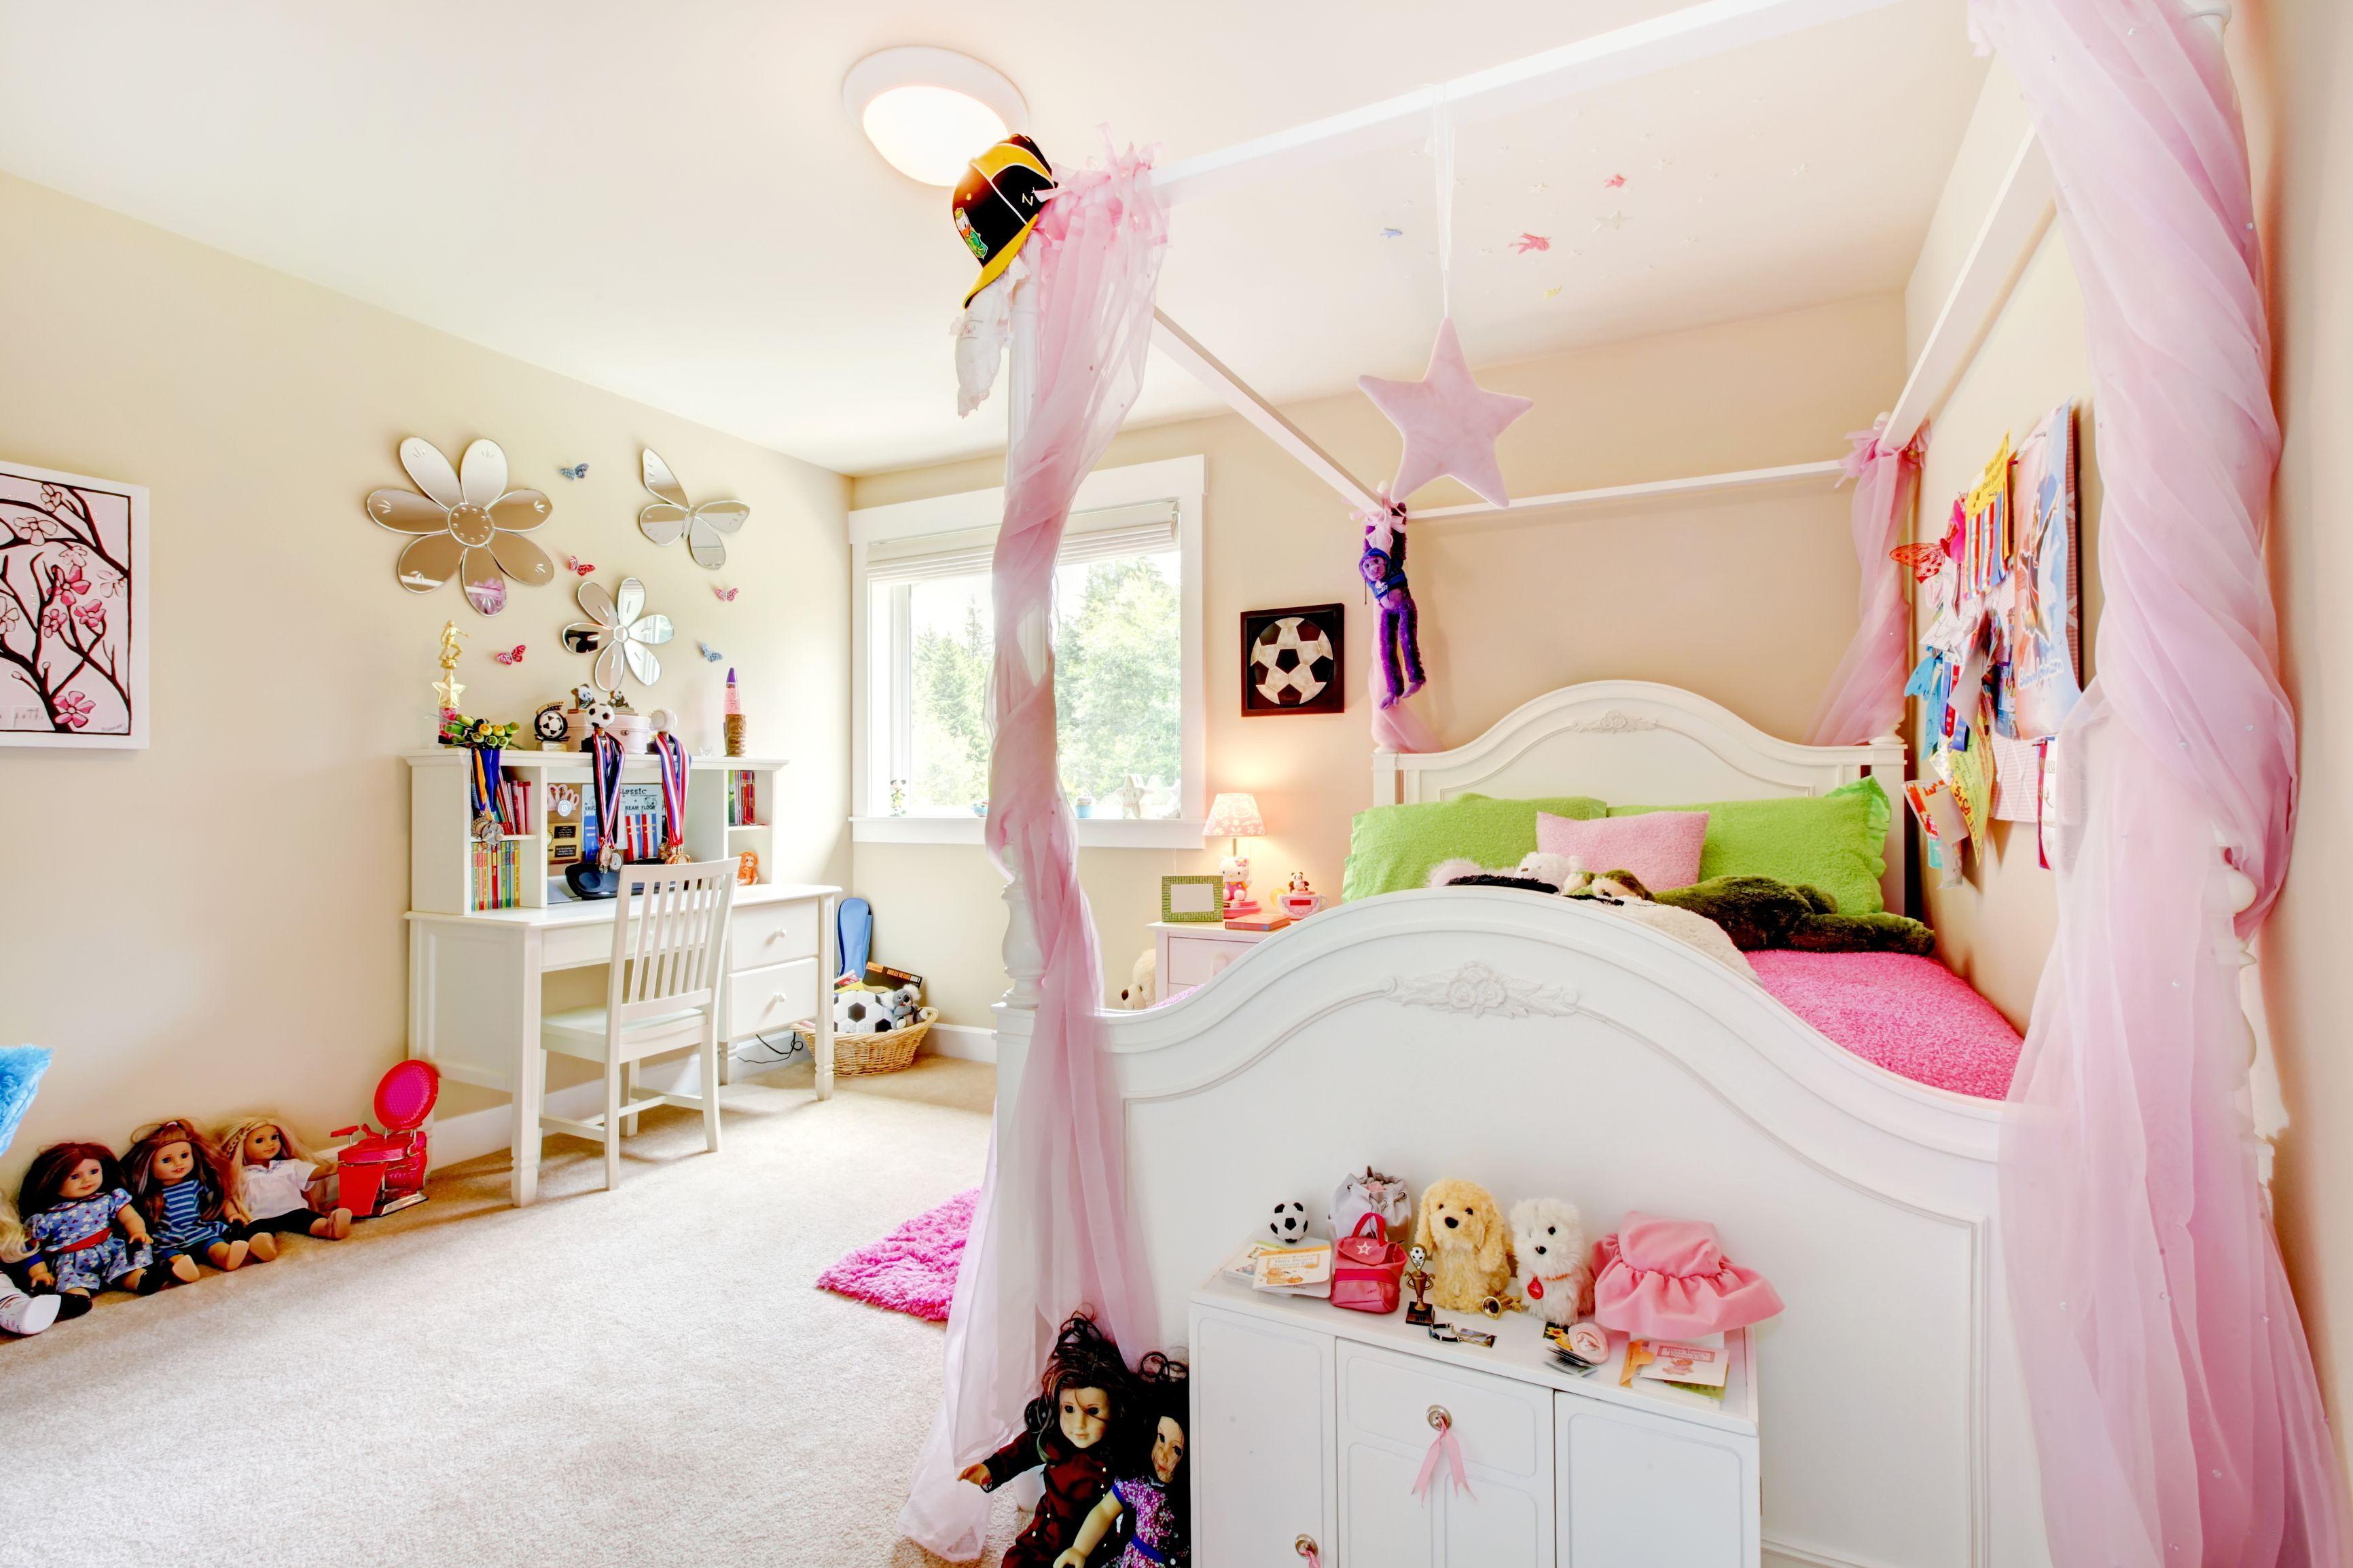 Camere Con Letto A Baldacchino : Esempio di cameretta per bambina con letto a baldacchino